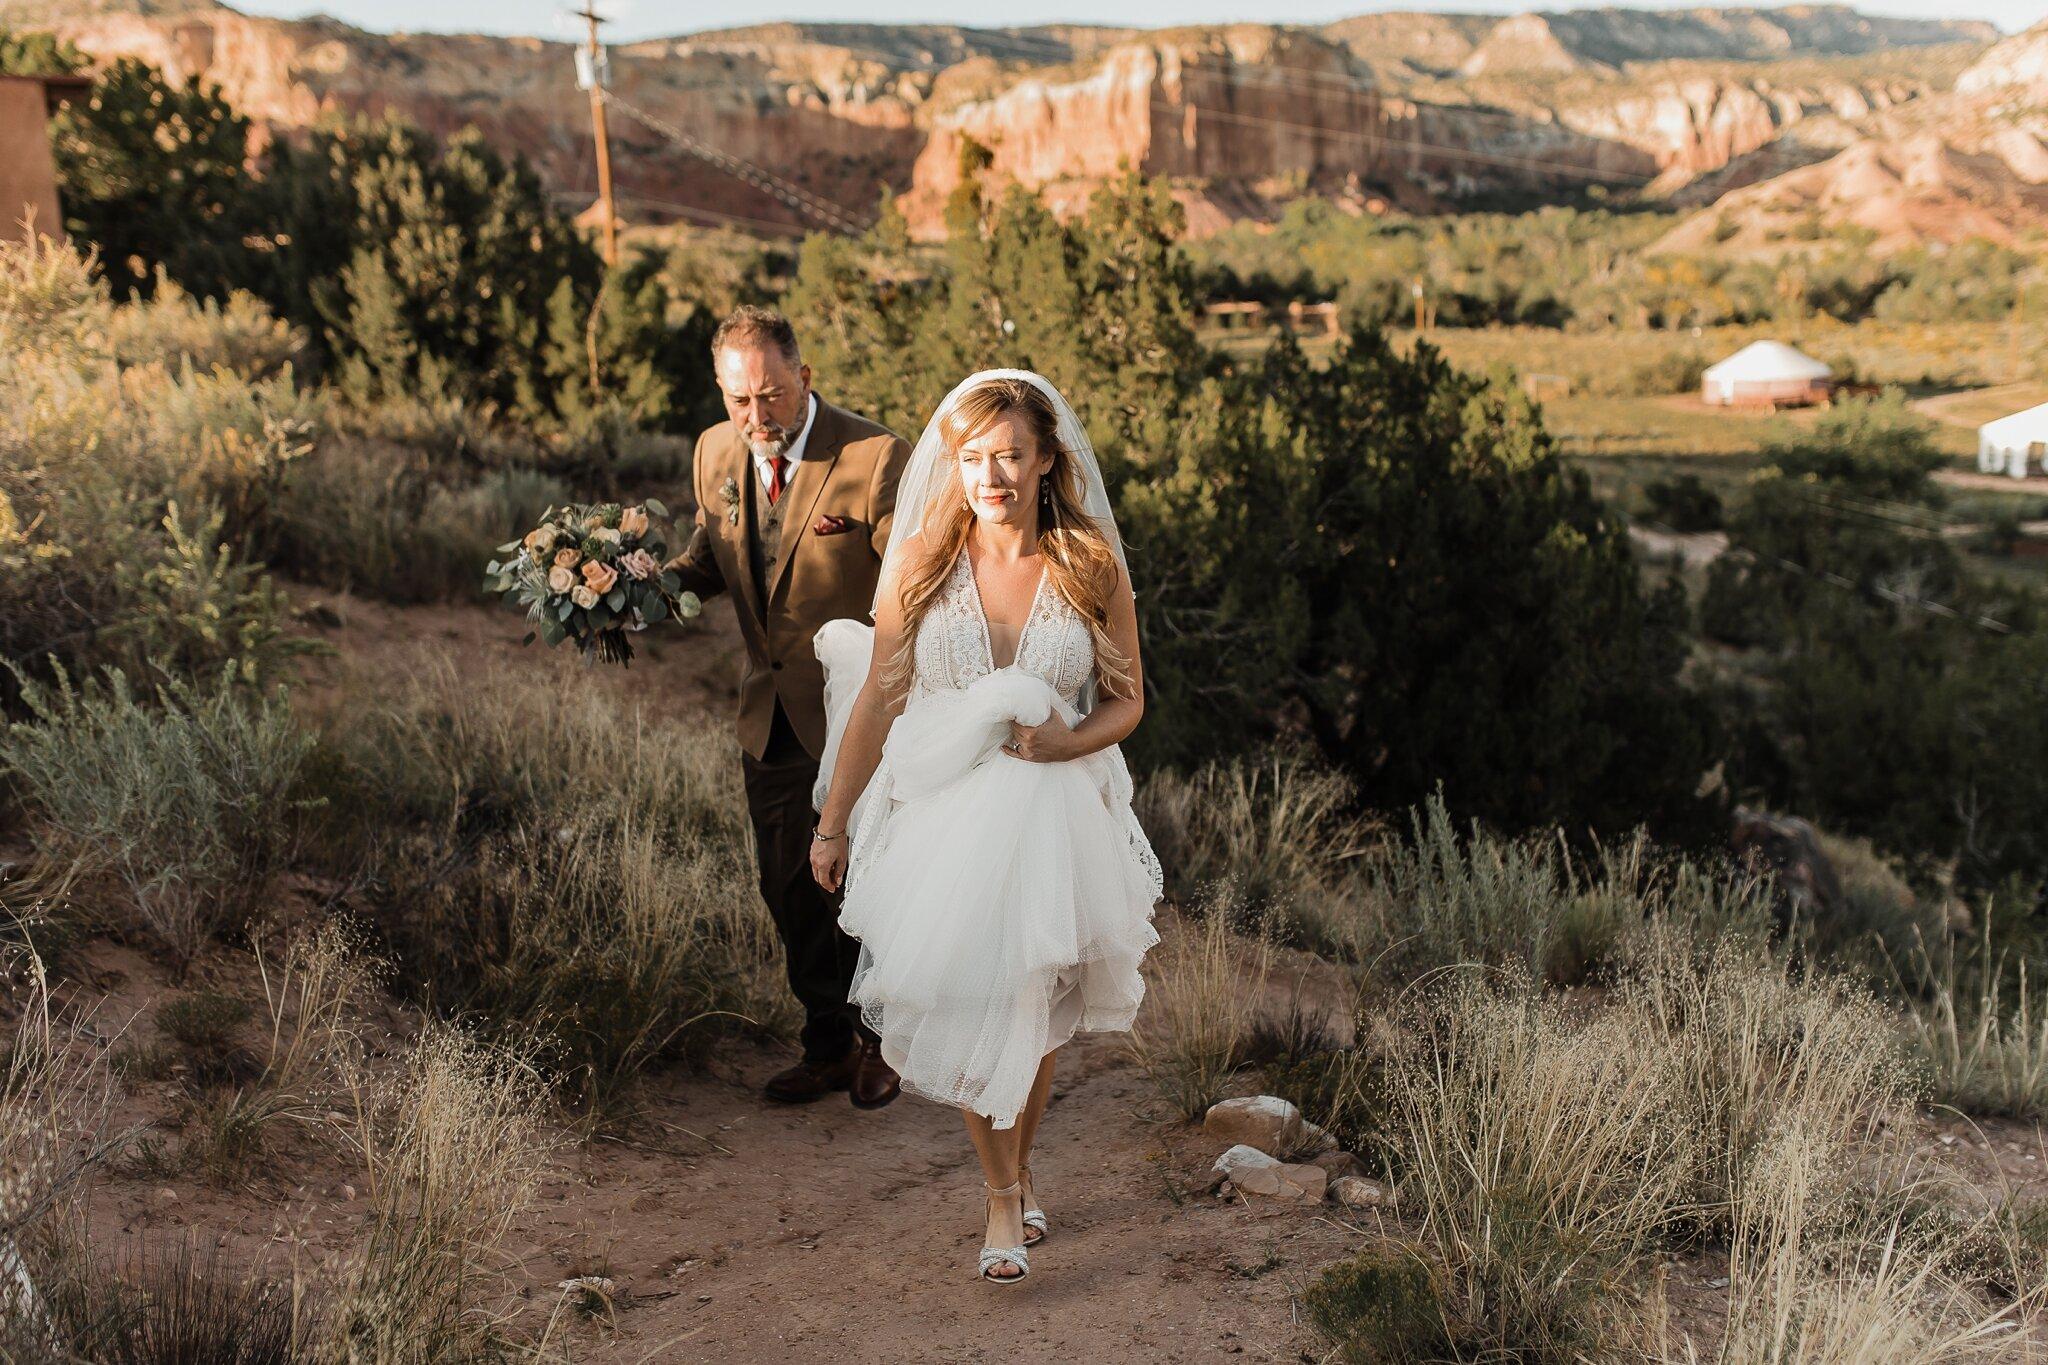 Alicia+lucia+photography+-+albuquerque+wedding+photographer+-+santa+fe+wedding+photography+-+new+mexico+wedding+photographer+-+new+mexico+wedding+-+wedding+-+santa+fe+wedding+-+ghost+ranch+-+ghost+ranch+wedding+-+fall+wedding_0062.jpg